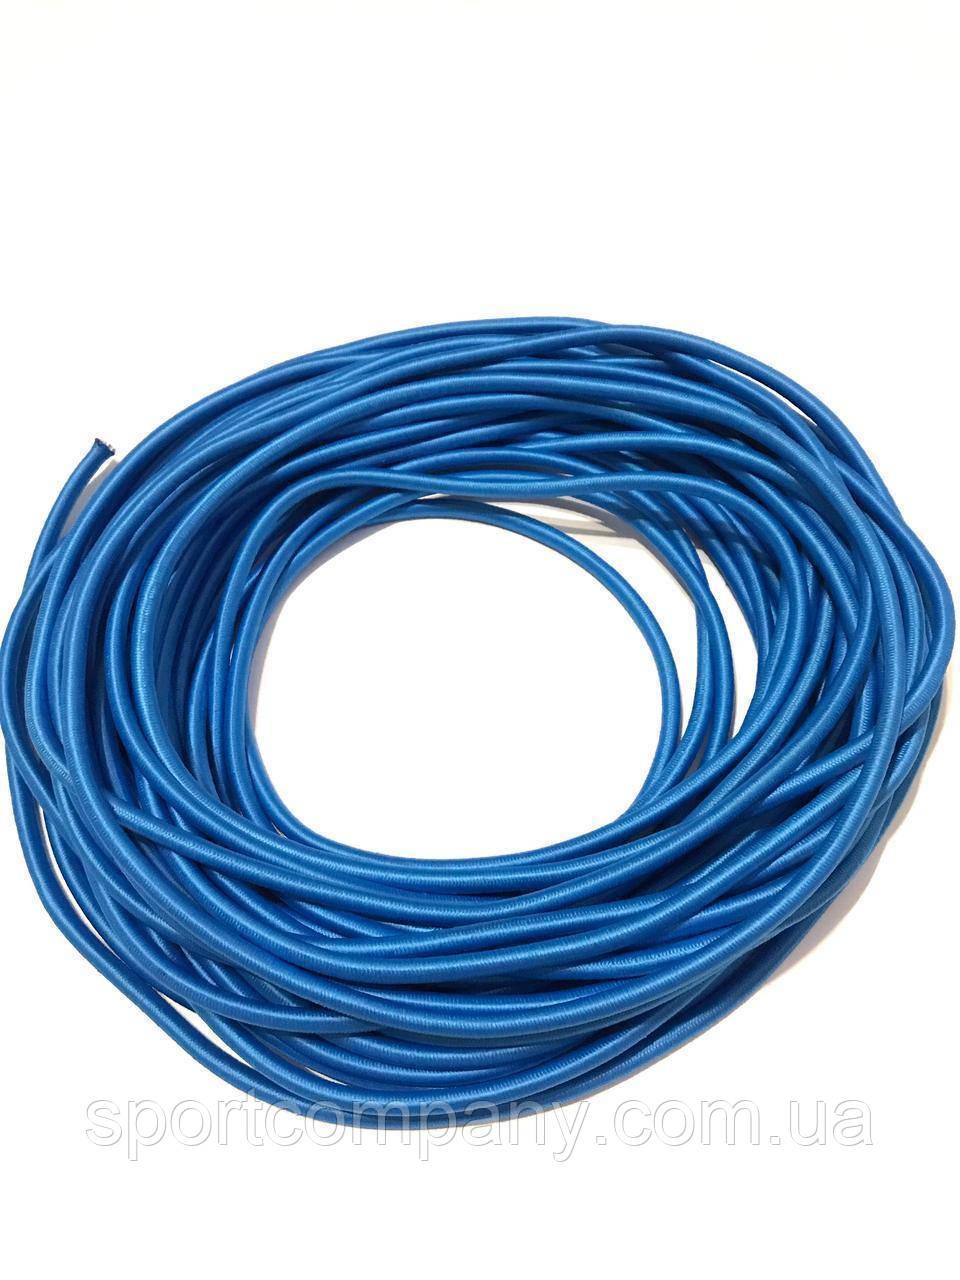 Жгут спортивный резиновый в тканевой оплетке ( резина, d-8 мм, I-700 см, голубой ) rez.zhyt8blue